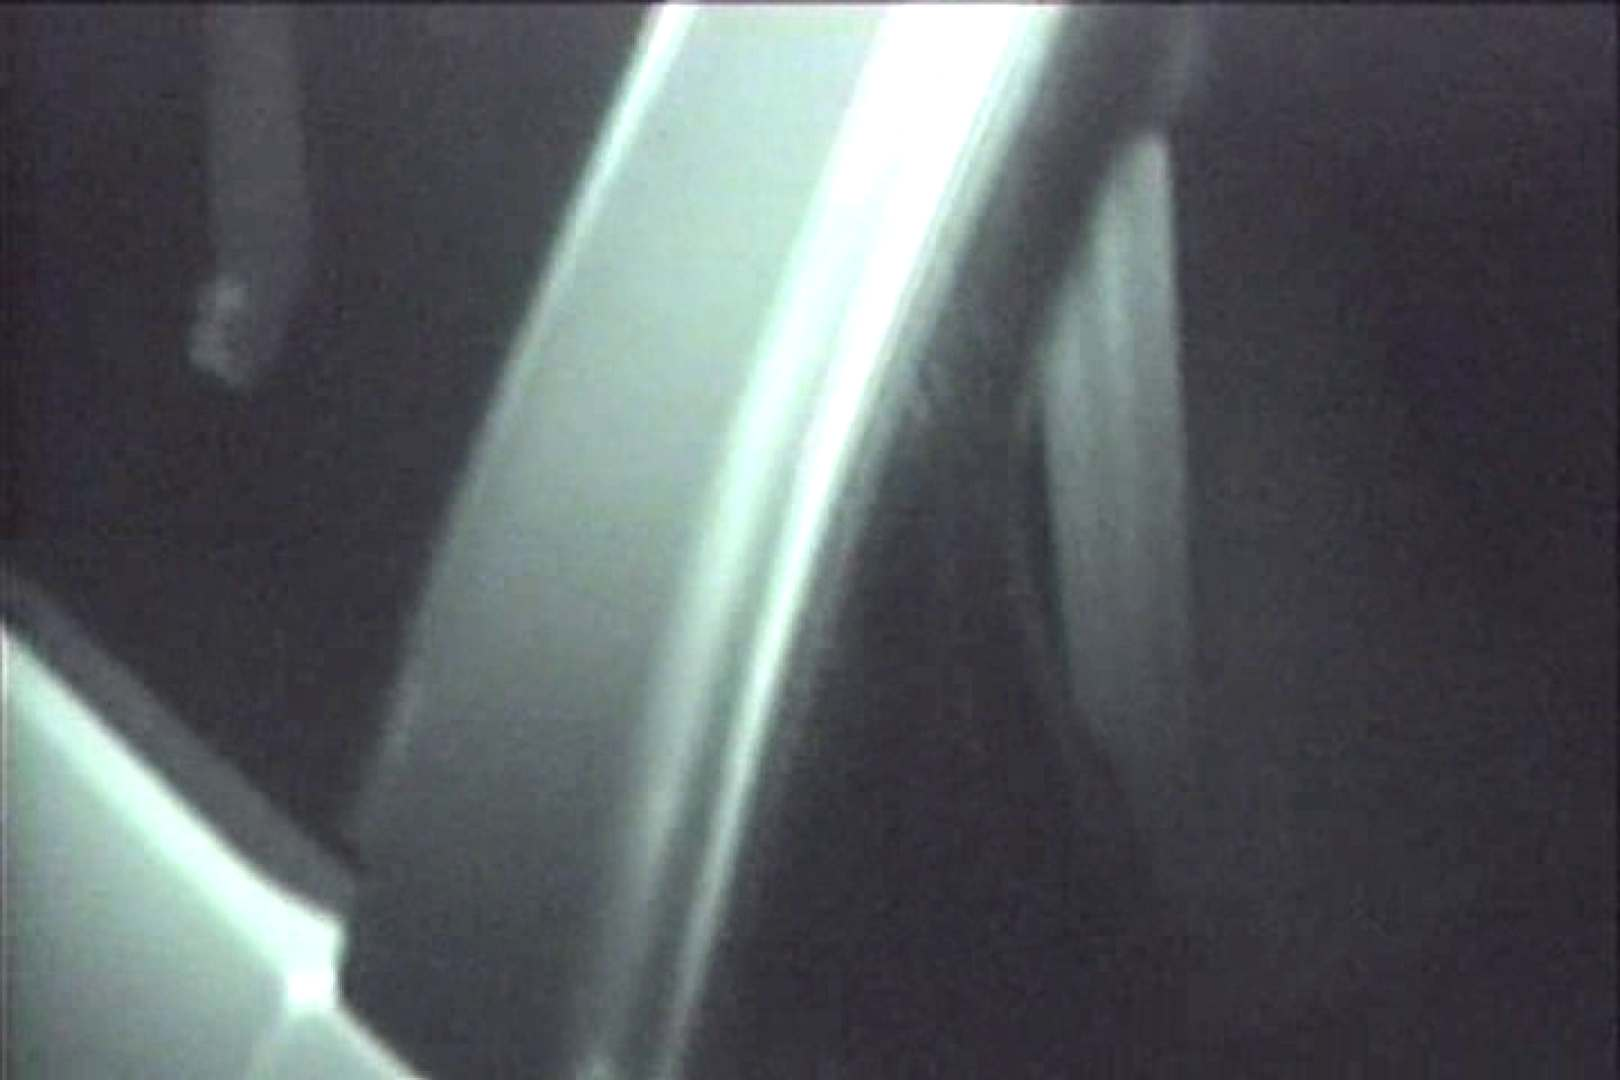 車の中はラブホテル 無修正版  Vol.18 感じるセックス オマンコ無修正動画無料 80連発 23